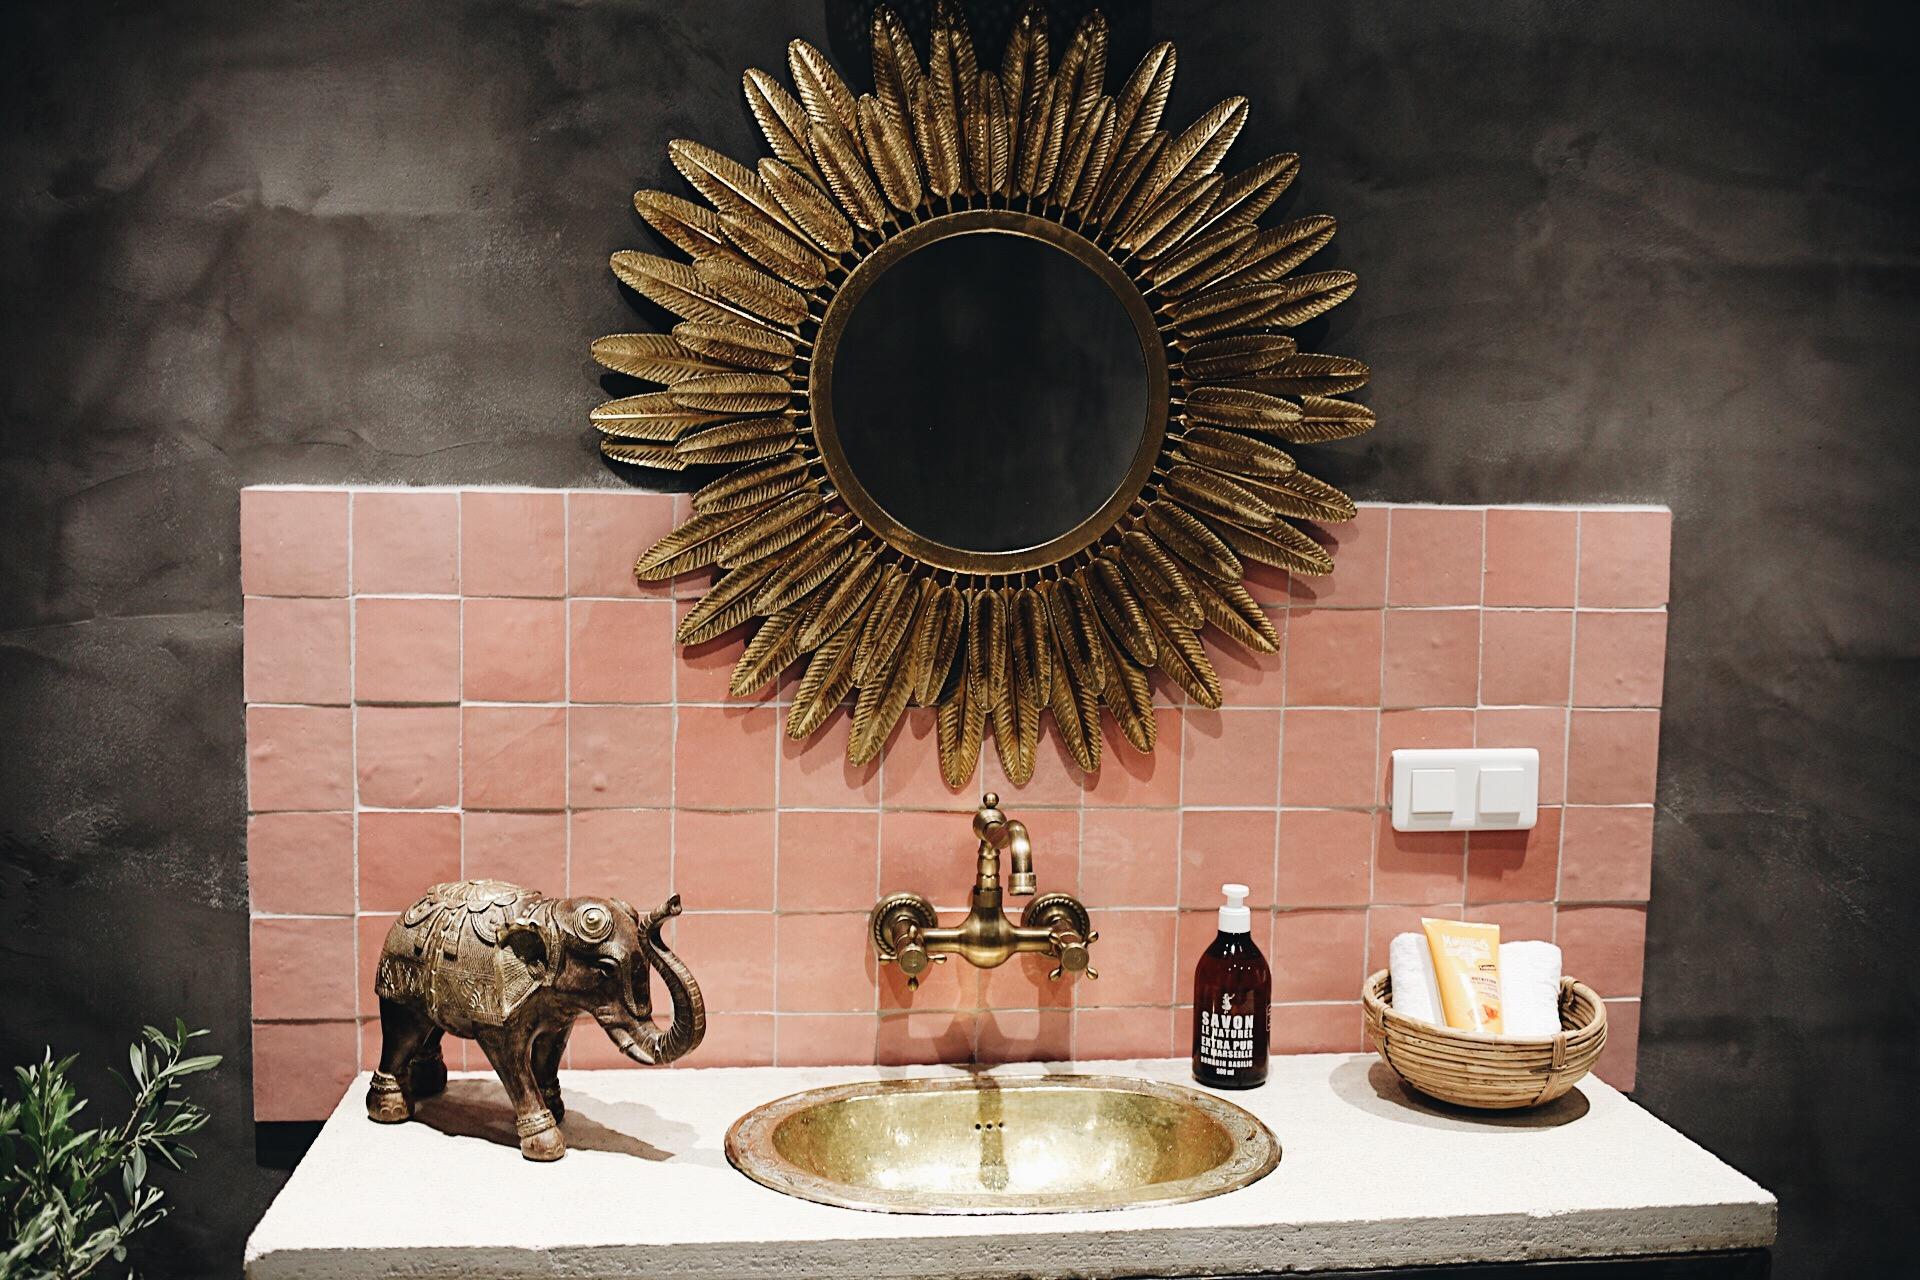 Jag gillade speciellt badrummet, med rosa kakel och detaljer i guld.   Skrattande berättas det att knappt ett dygn före första gästerna skulle anlända hit, så bestämde man att göra om golvet. 20 min innan byggnadsbutiken stängde sladdade Lisa in och köpte klinker. De jobbade heeeela natten, och när gästerna kom var rummet (nästan) klart.   Vi var tvungna att fördröja incheckningen något, men det gick bra minns Lisa.